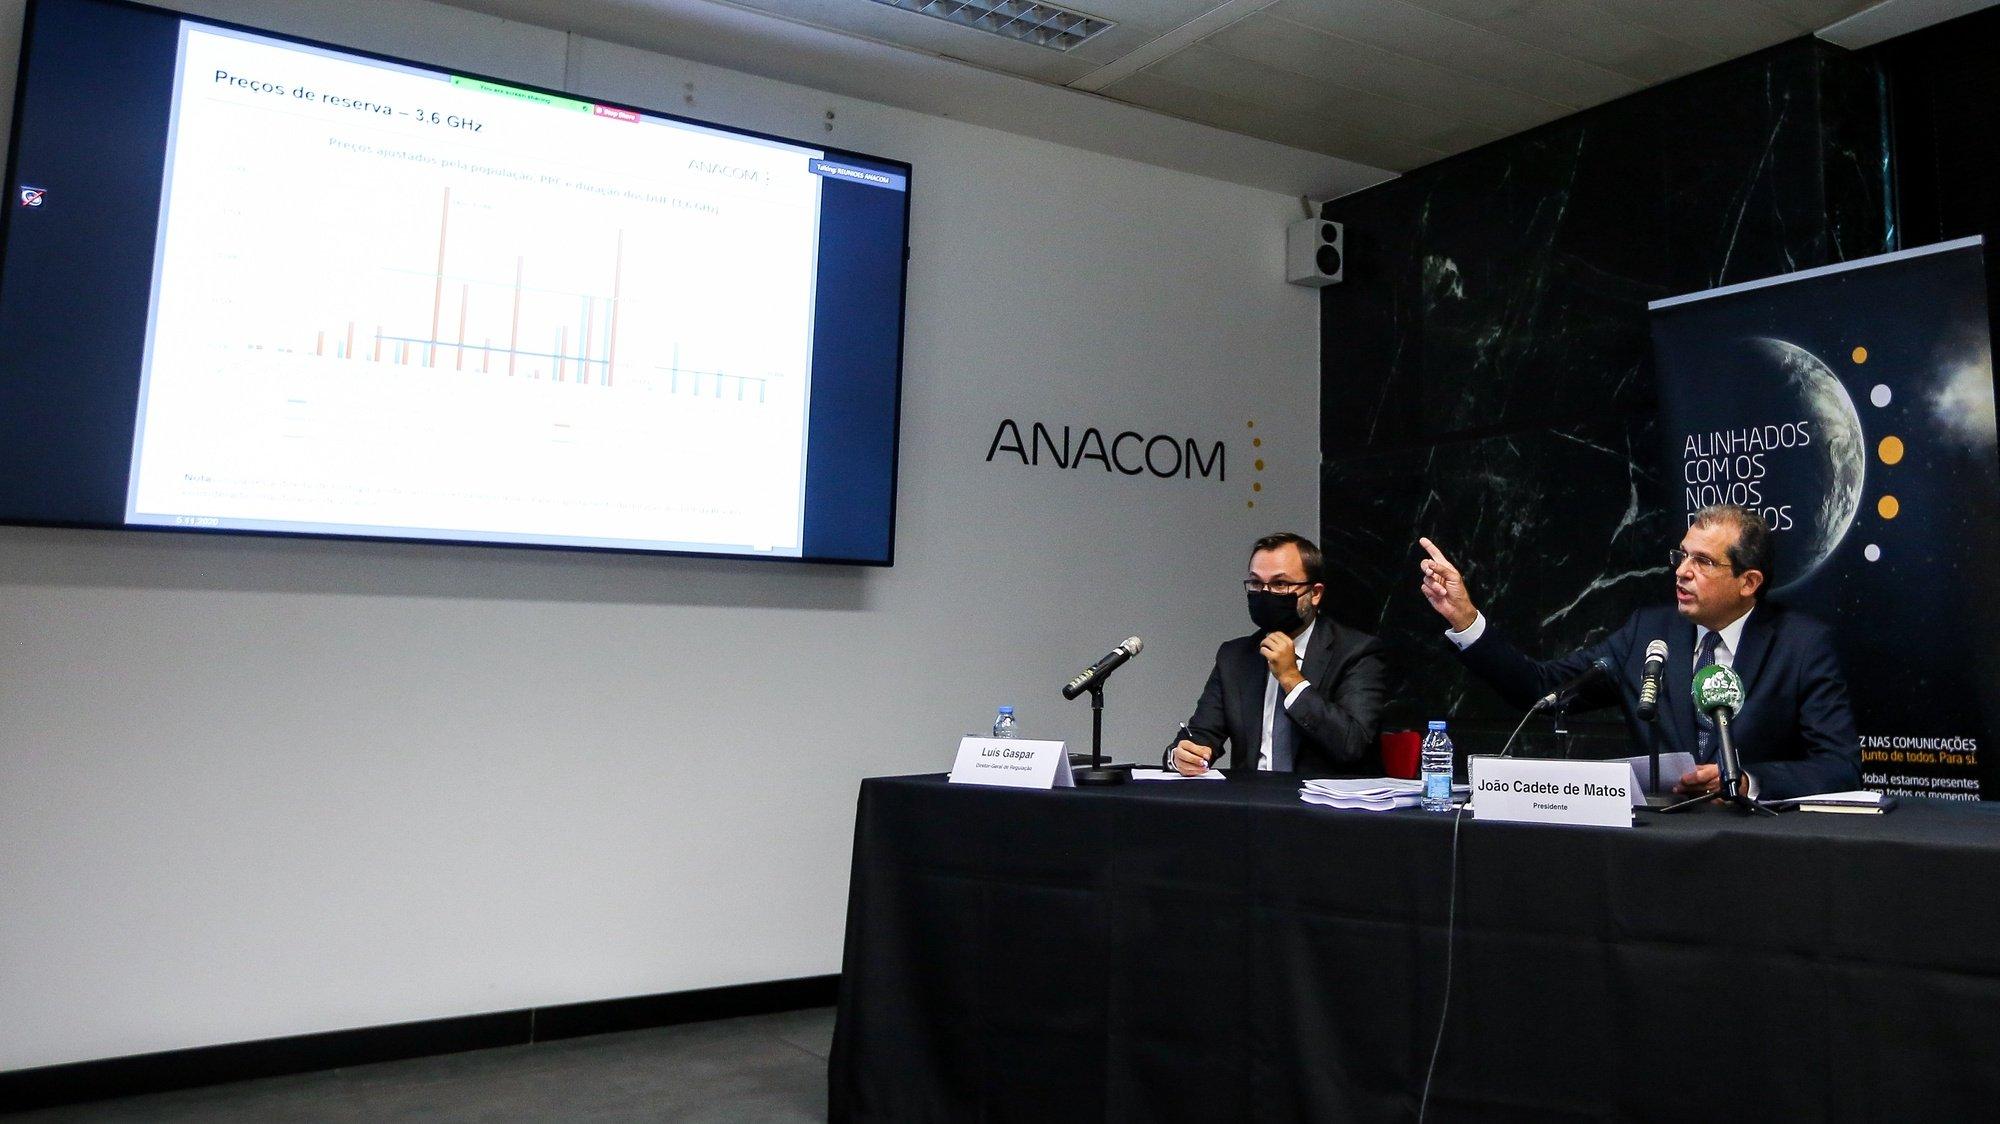 O presidente da ANACOM, João Cadete de Matos (D), durante a conferência de imprensa para a apresentação do regulamento do leilão do 5G, em Lisboa, 05 de novembro de 2020. NUNO FOX/LUSA